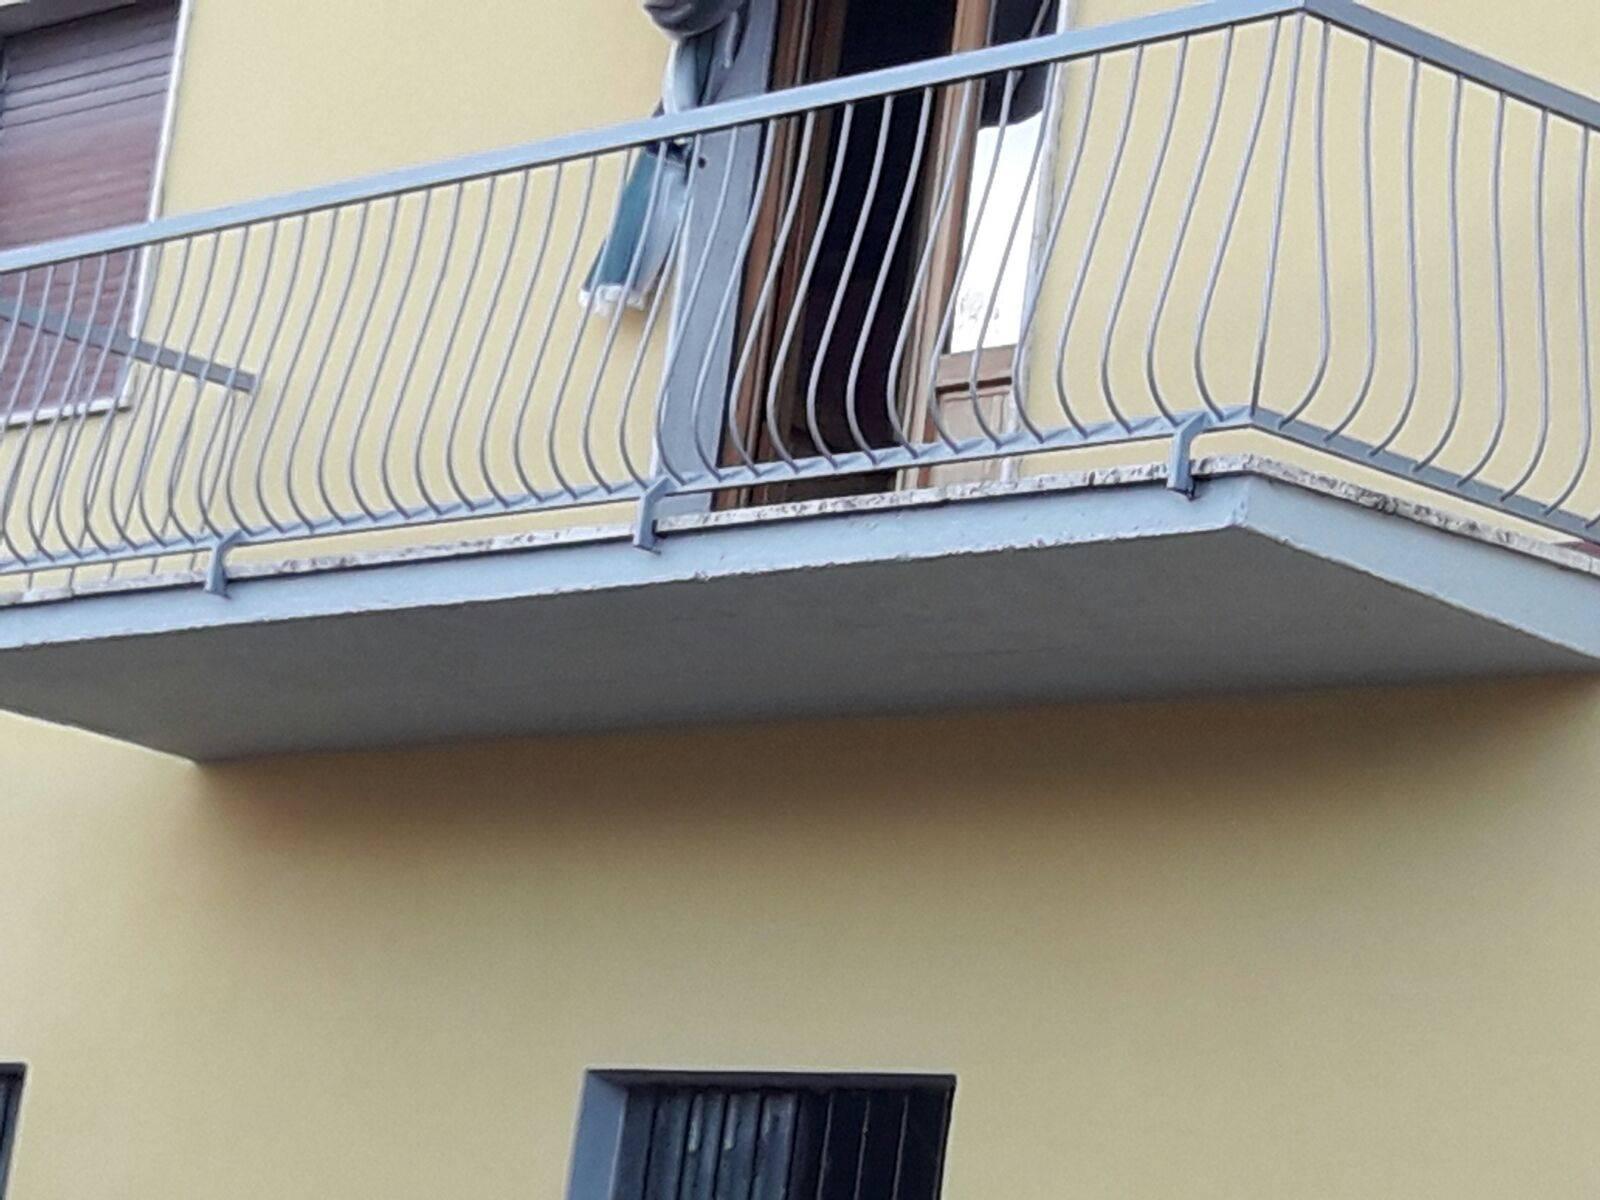 PISTOIA EST, PISTOIA, Casa singola in vendita di 300 Mq, Abitabile, Riscaldamento Autonomo, Classe energetica: G, composto da: 5 Vani, Cucina